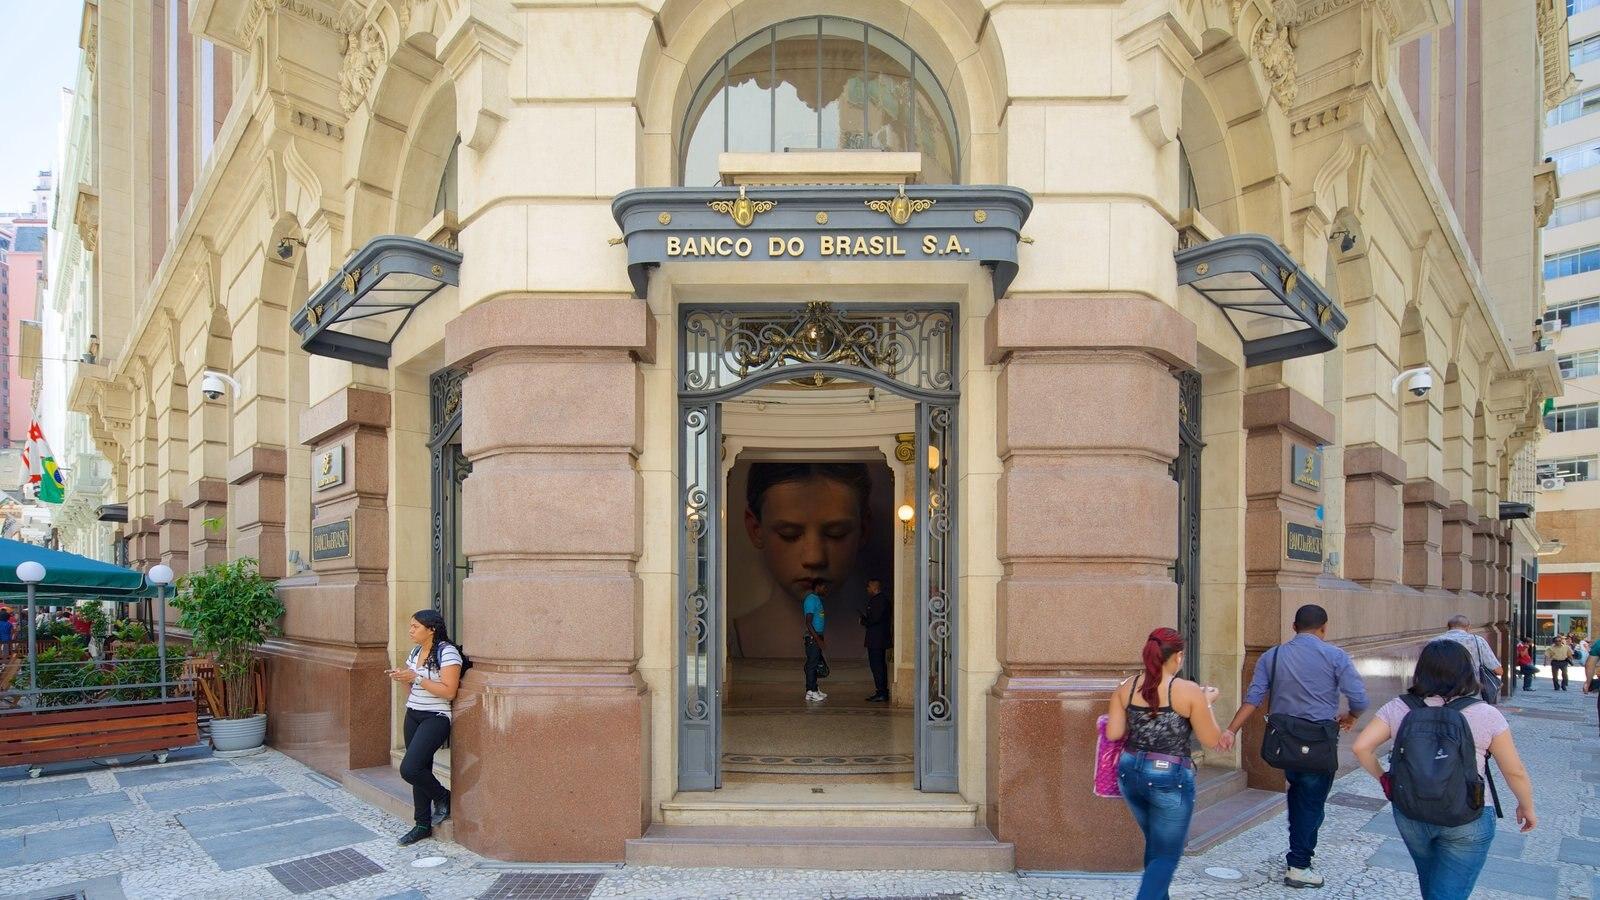 Centro Cultural Banco do Brasil que inclui cenas de rua e arquitetura de patrimônio